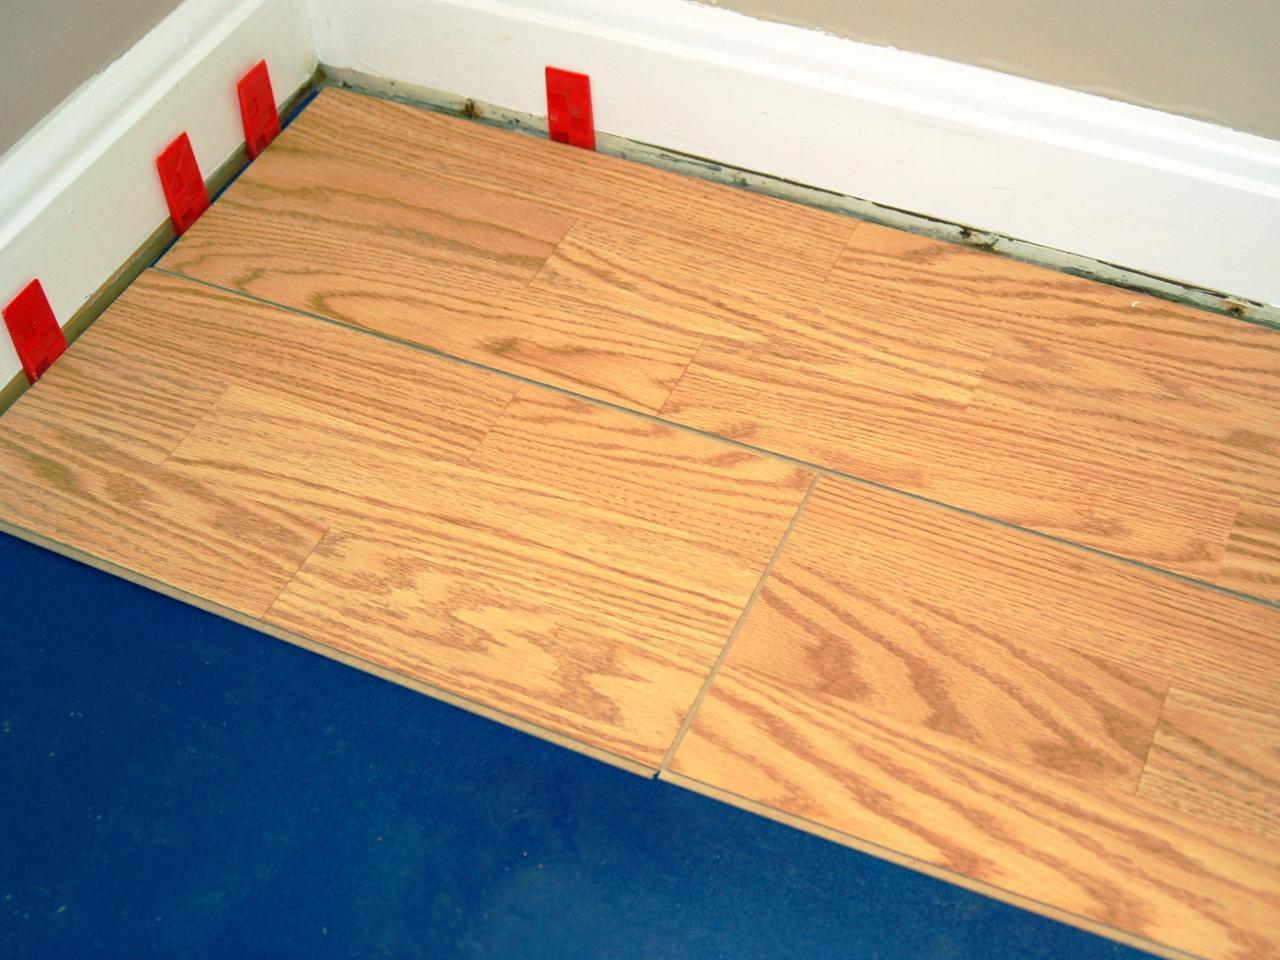 Floating laminate floor step 8 BSLXYOC